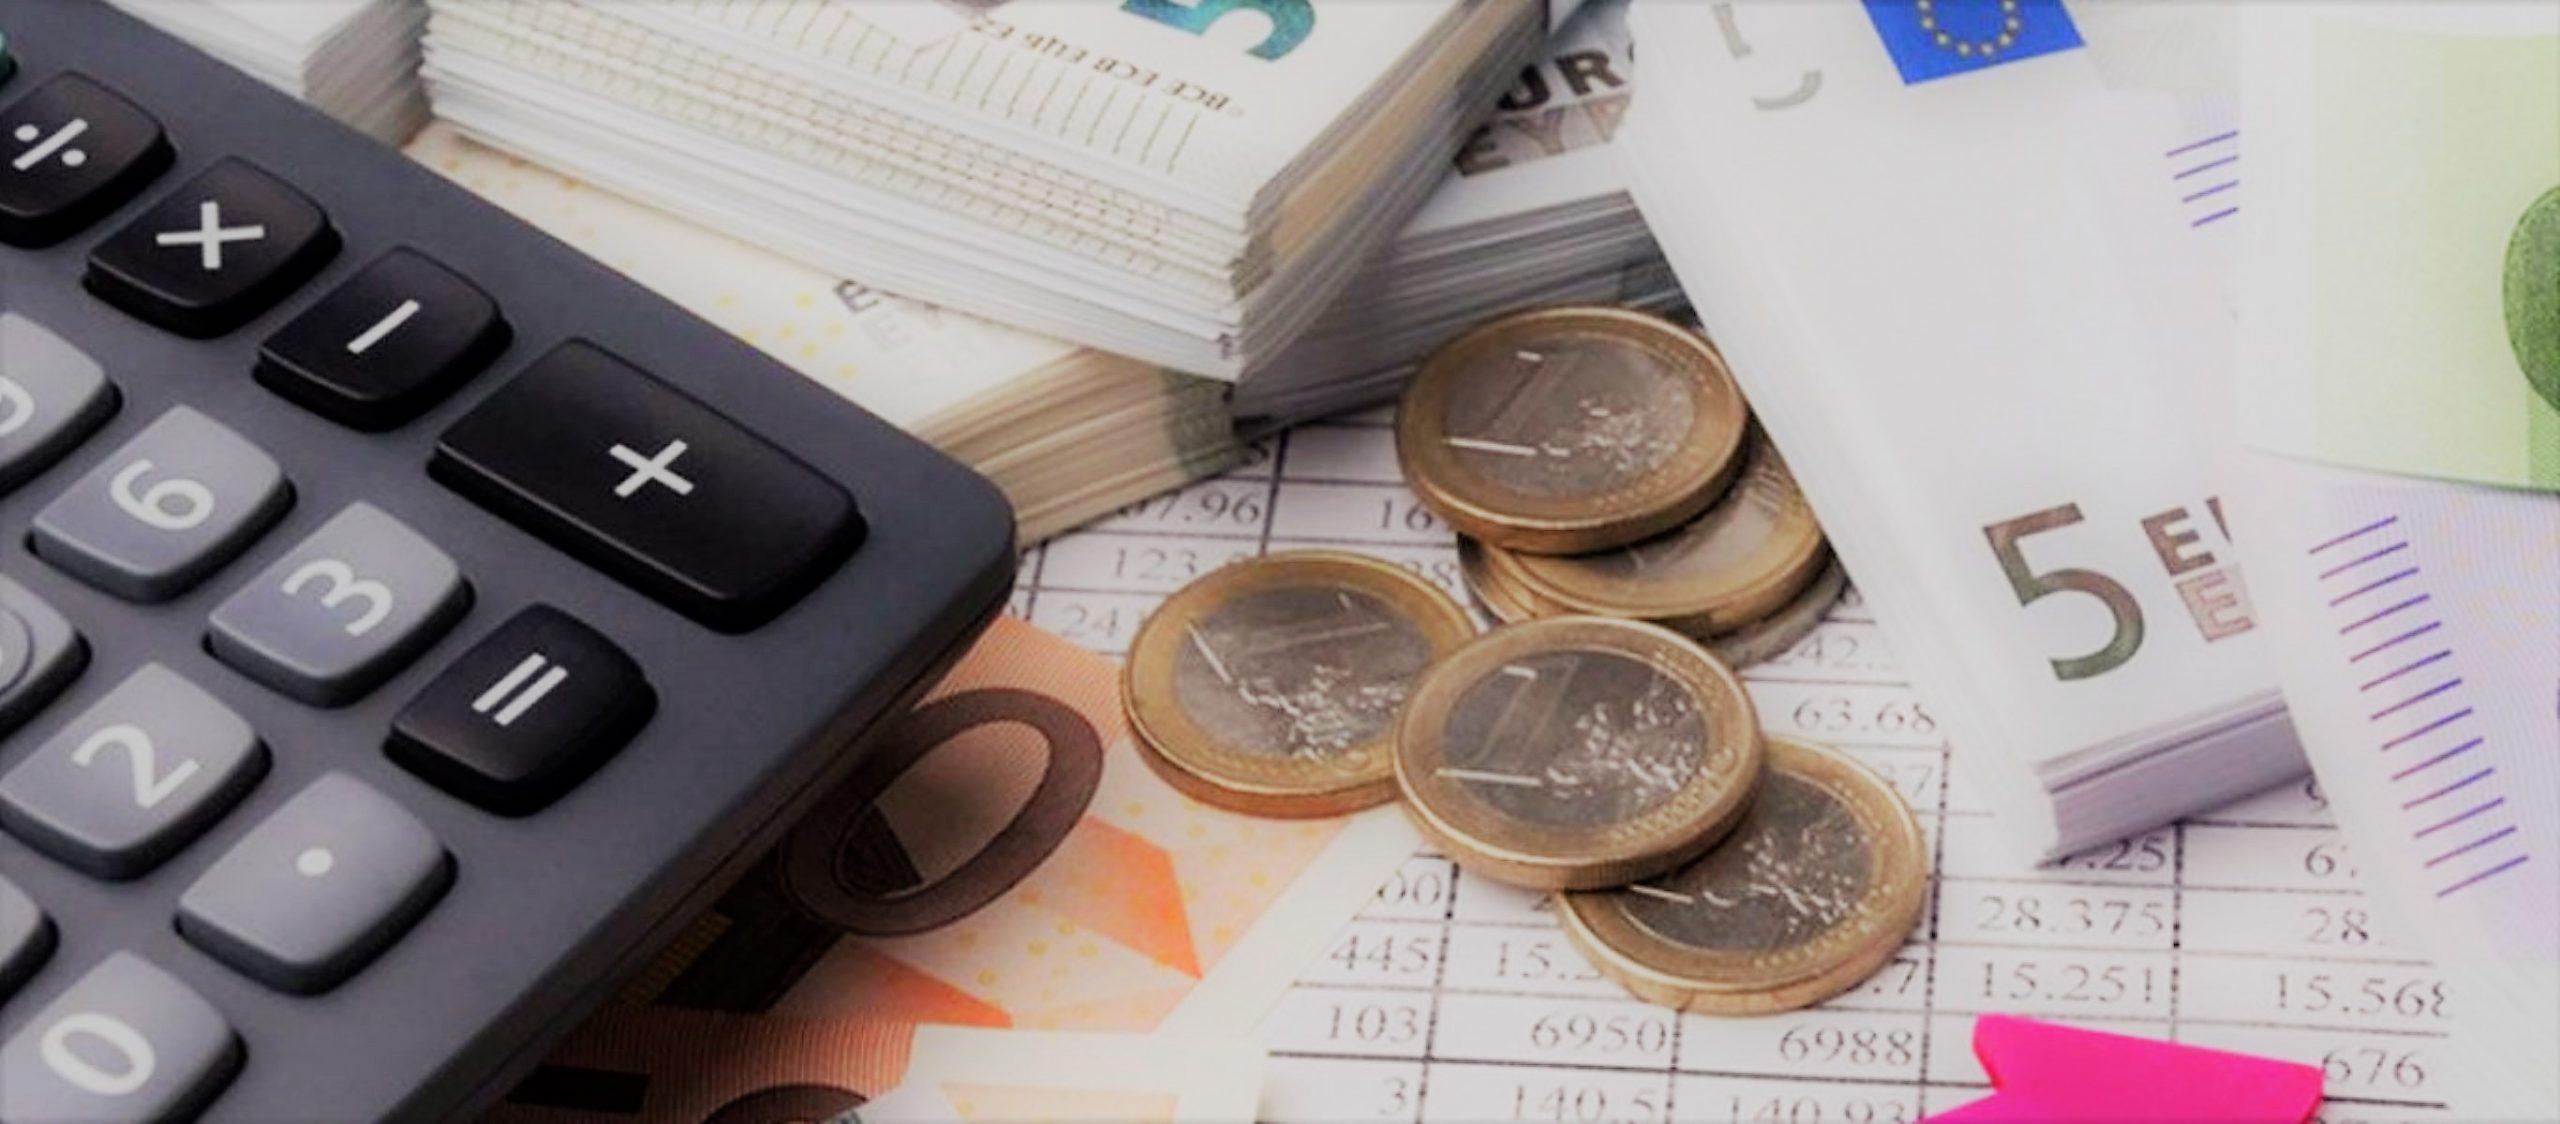 Πληρωμή συντάξεων Δεκεμβρίου 2020: Την Τρίτη 24 Νοεμβρίου ξεκινήσει η πληρωμή